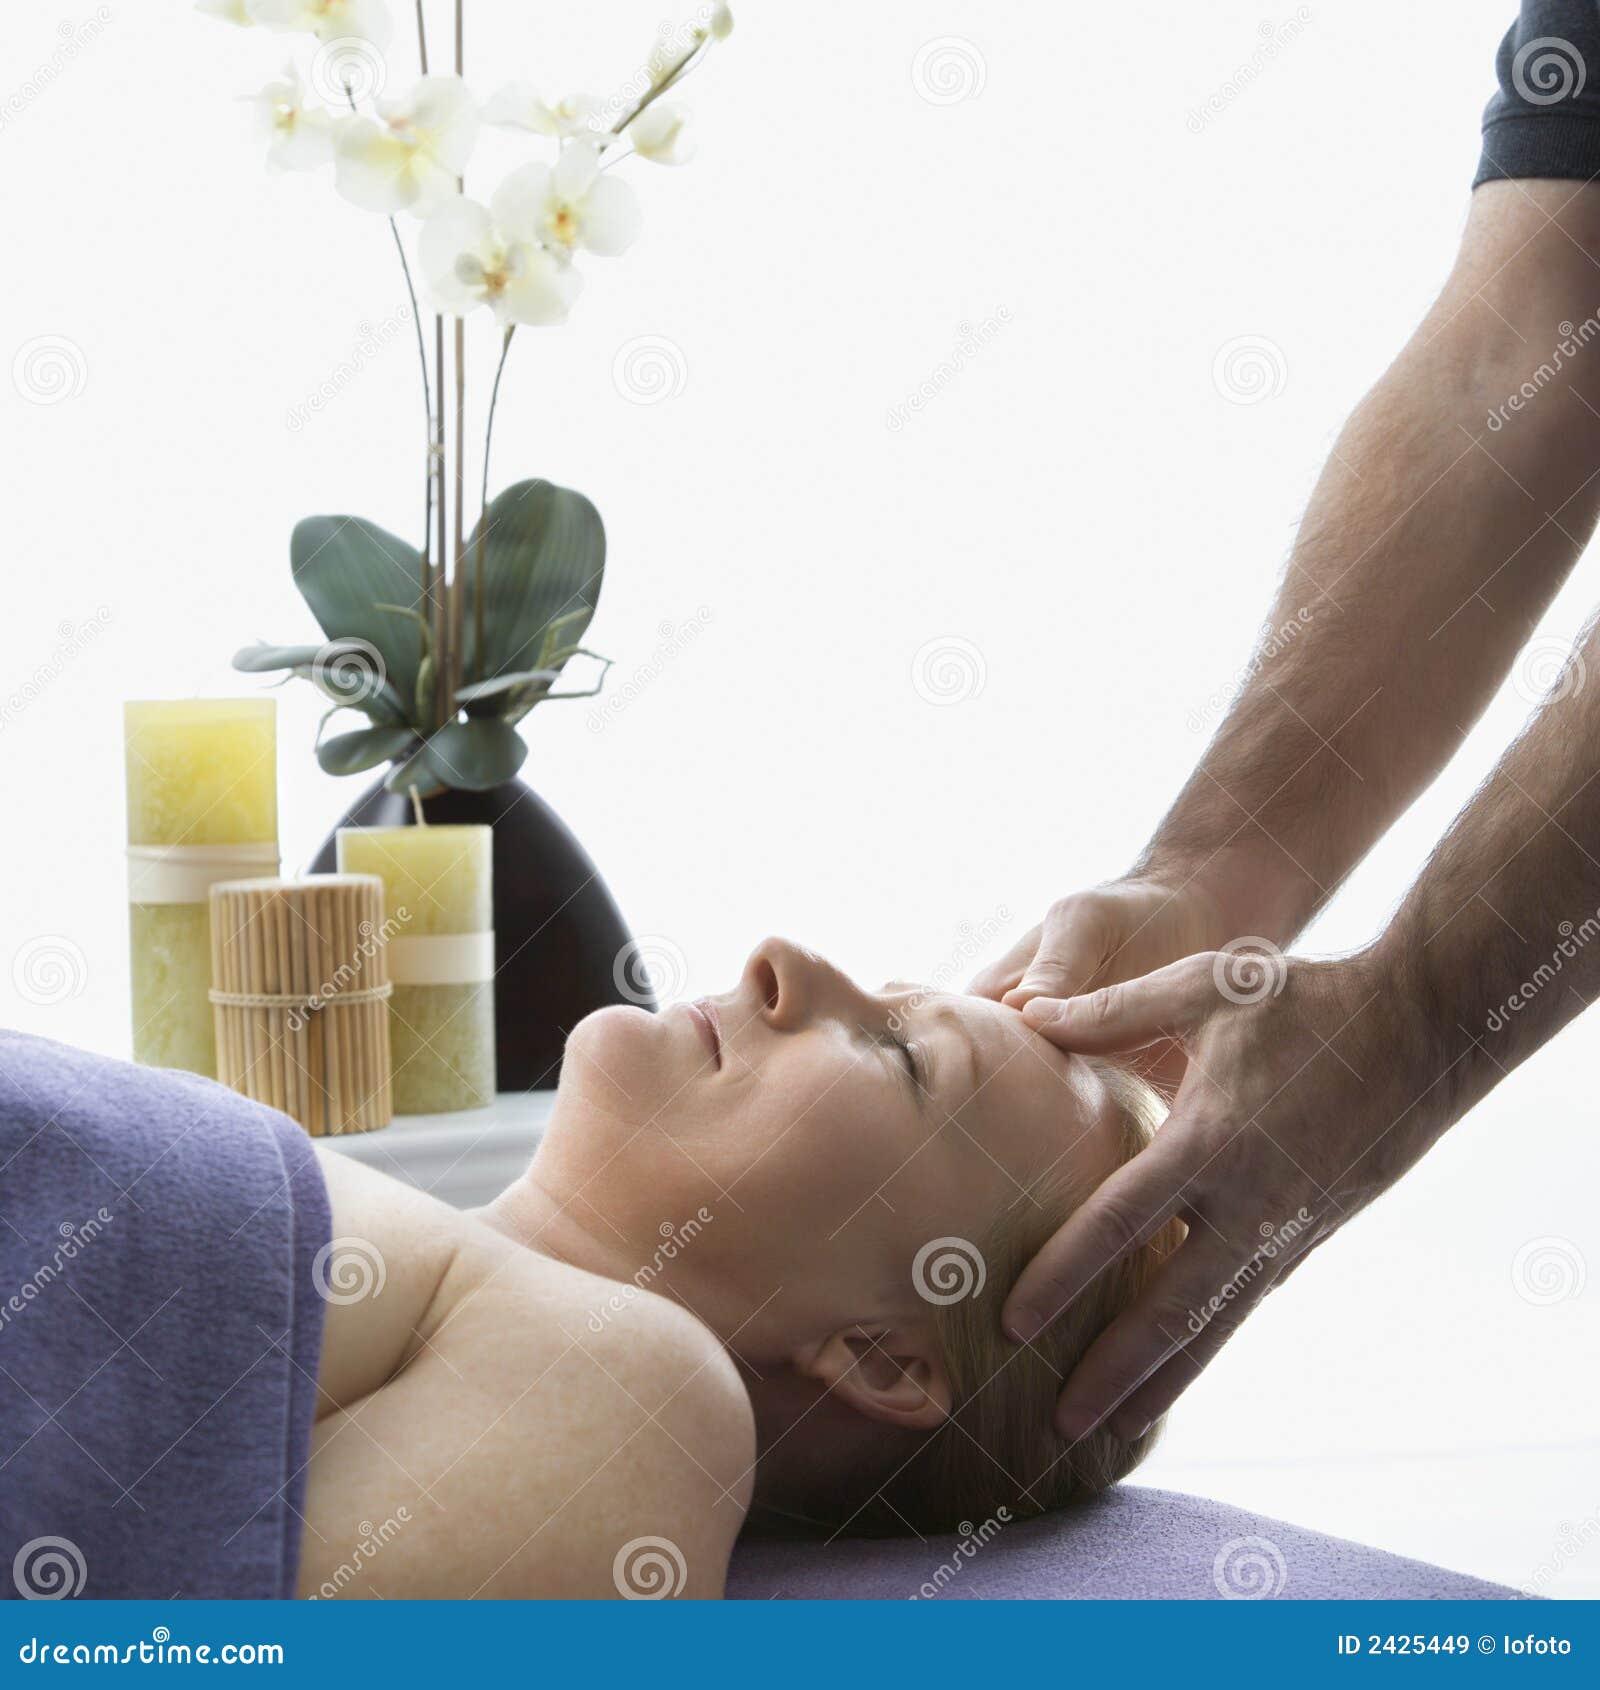 Uomo che massaggia donna.